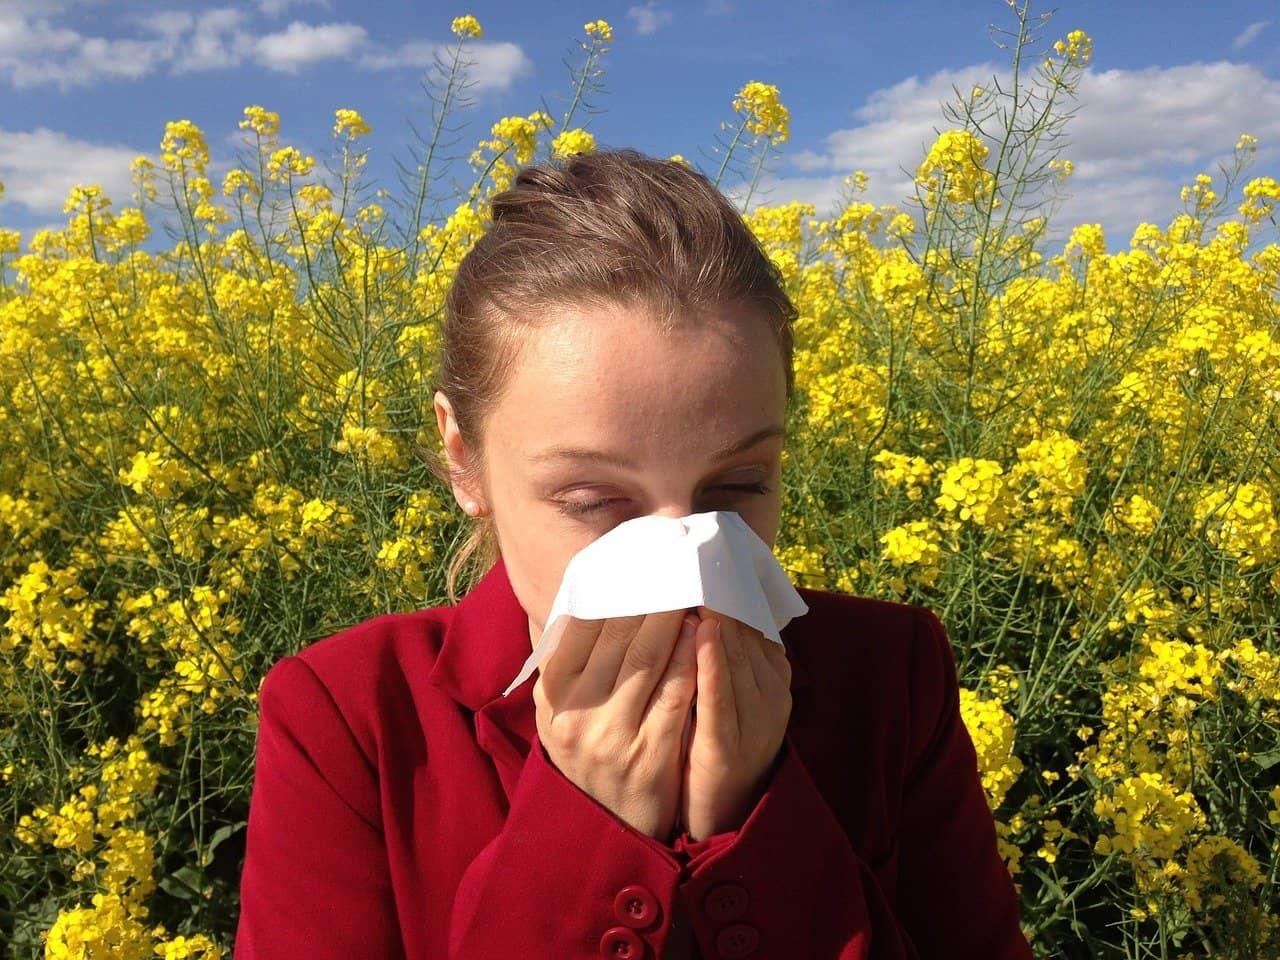 allergie saisonnière au pollen